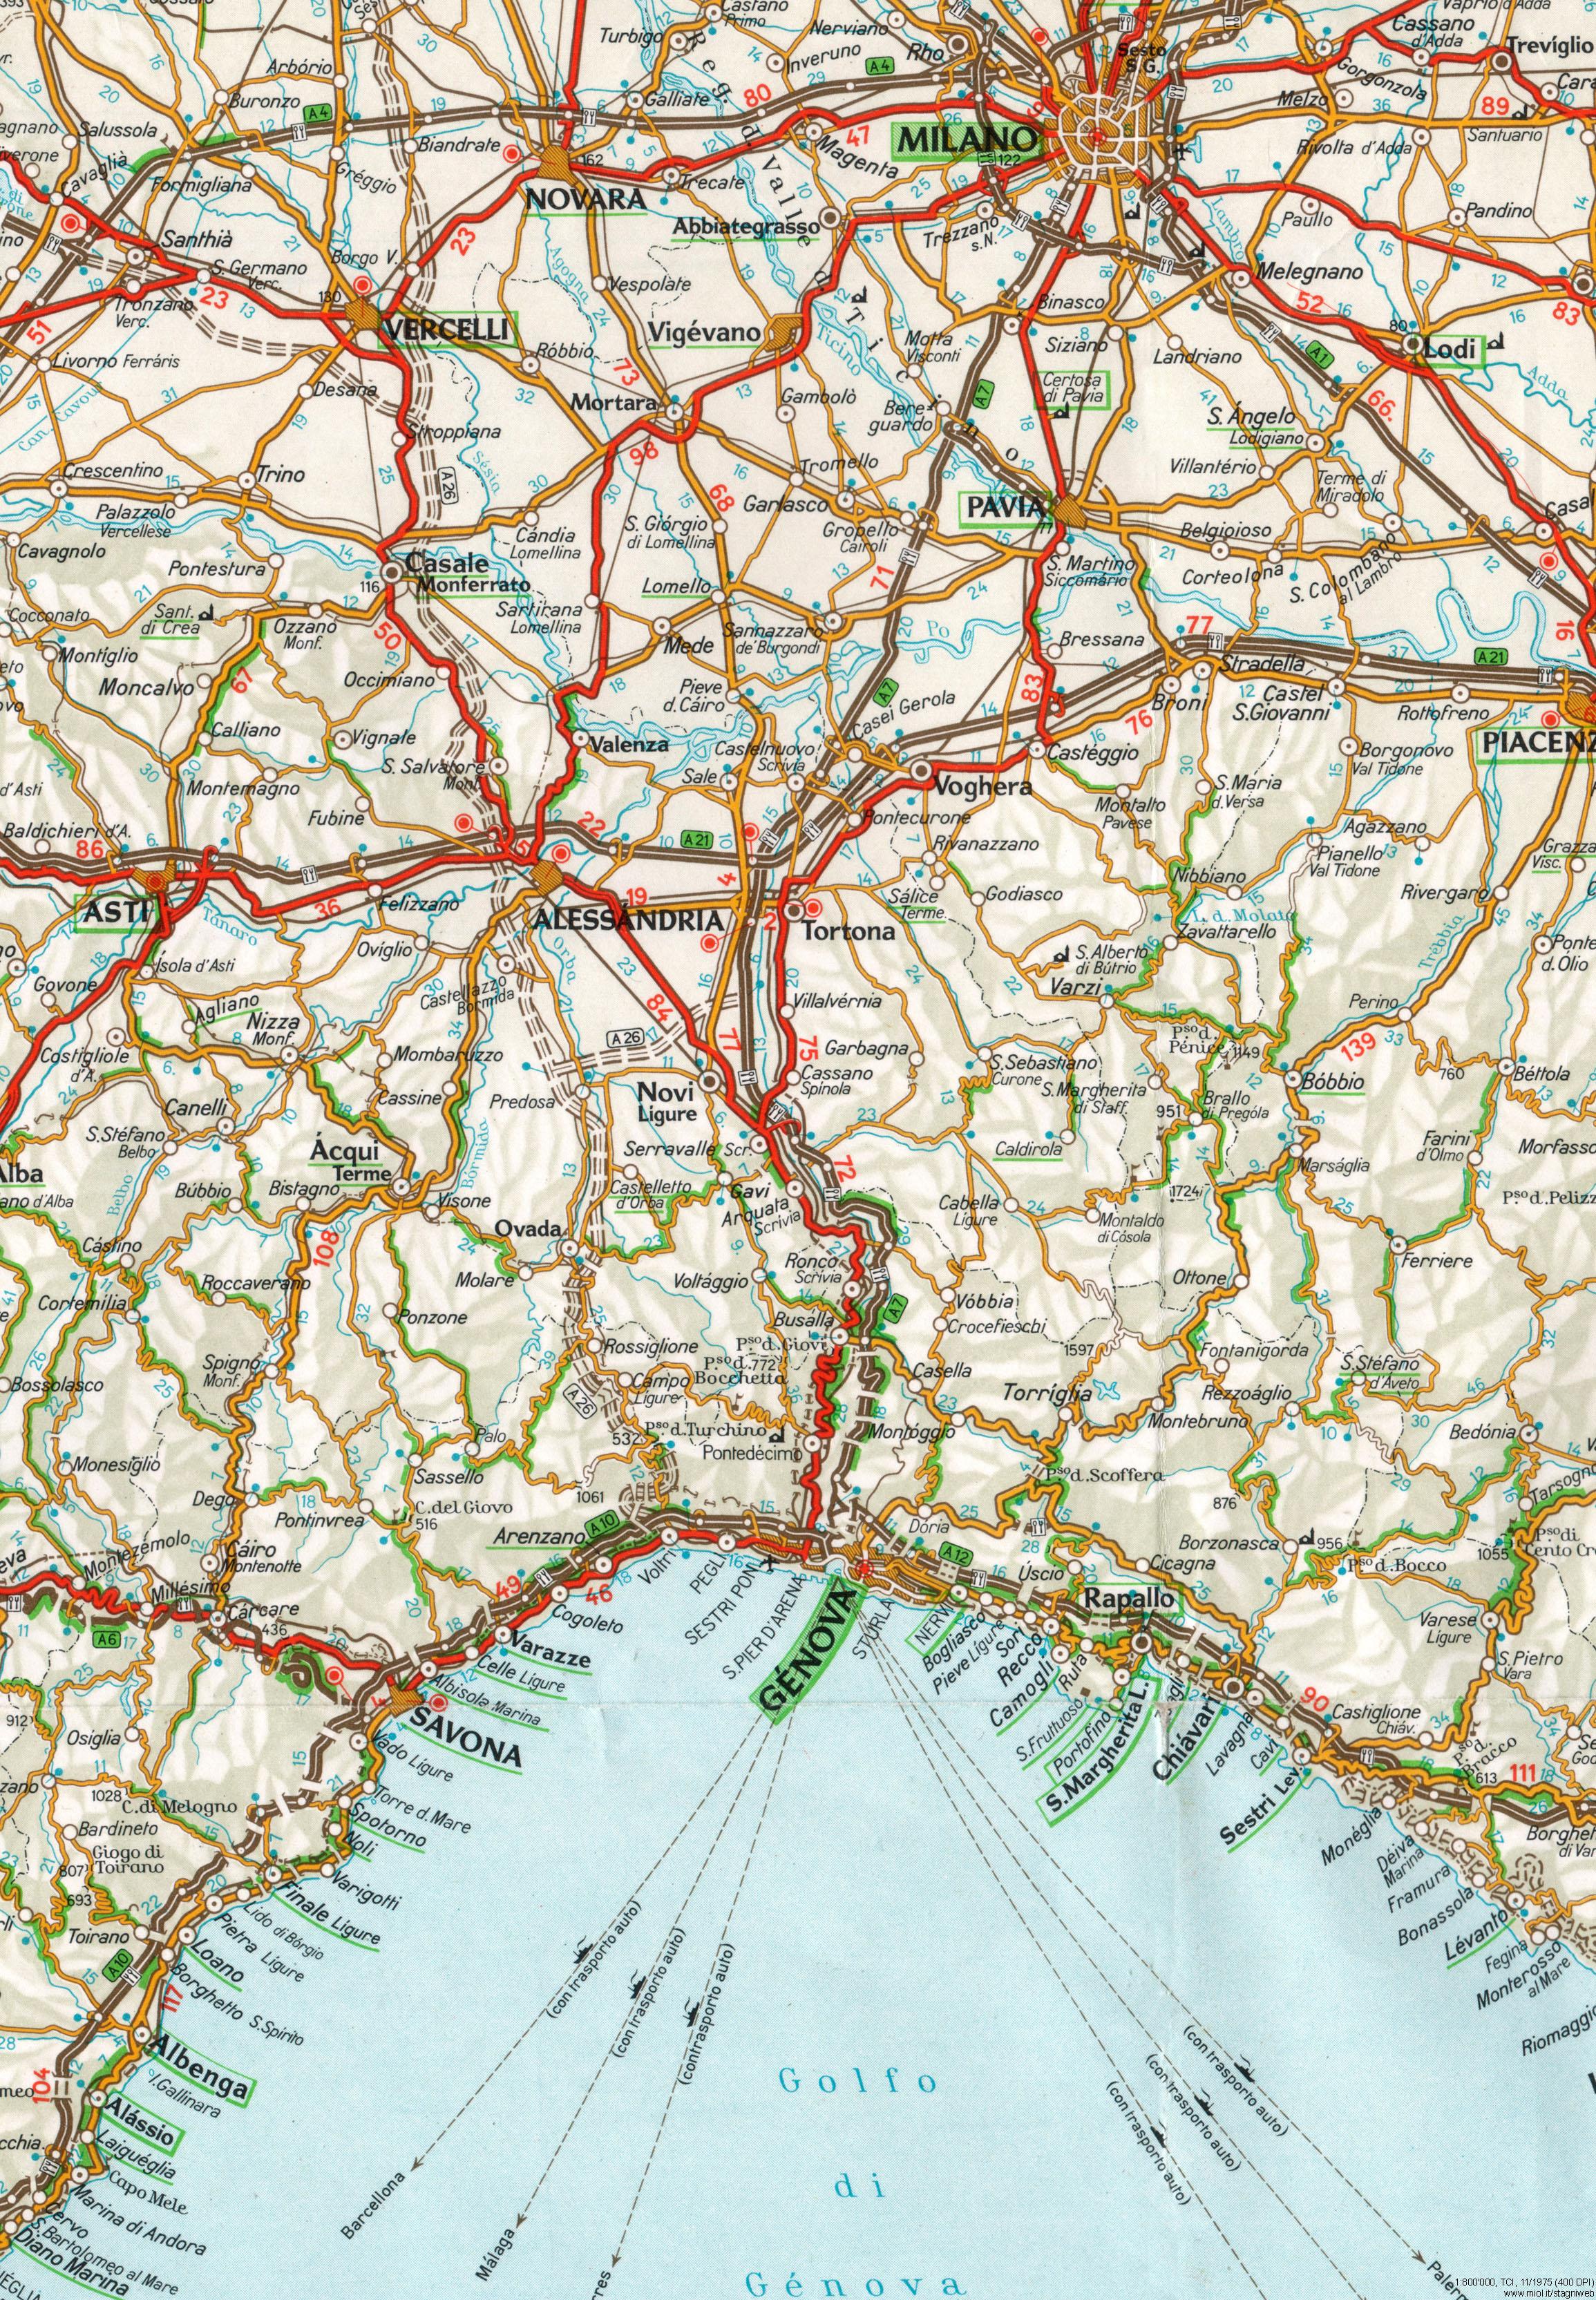 Cartina Turistica Liguria.Mappe Storiche Piemonte Liguria E Lombardia 12 Stagniweb